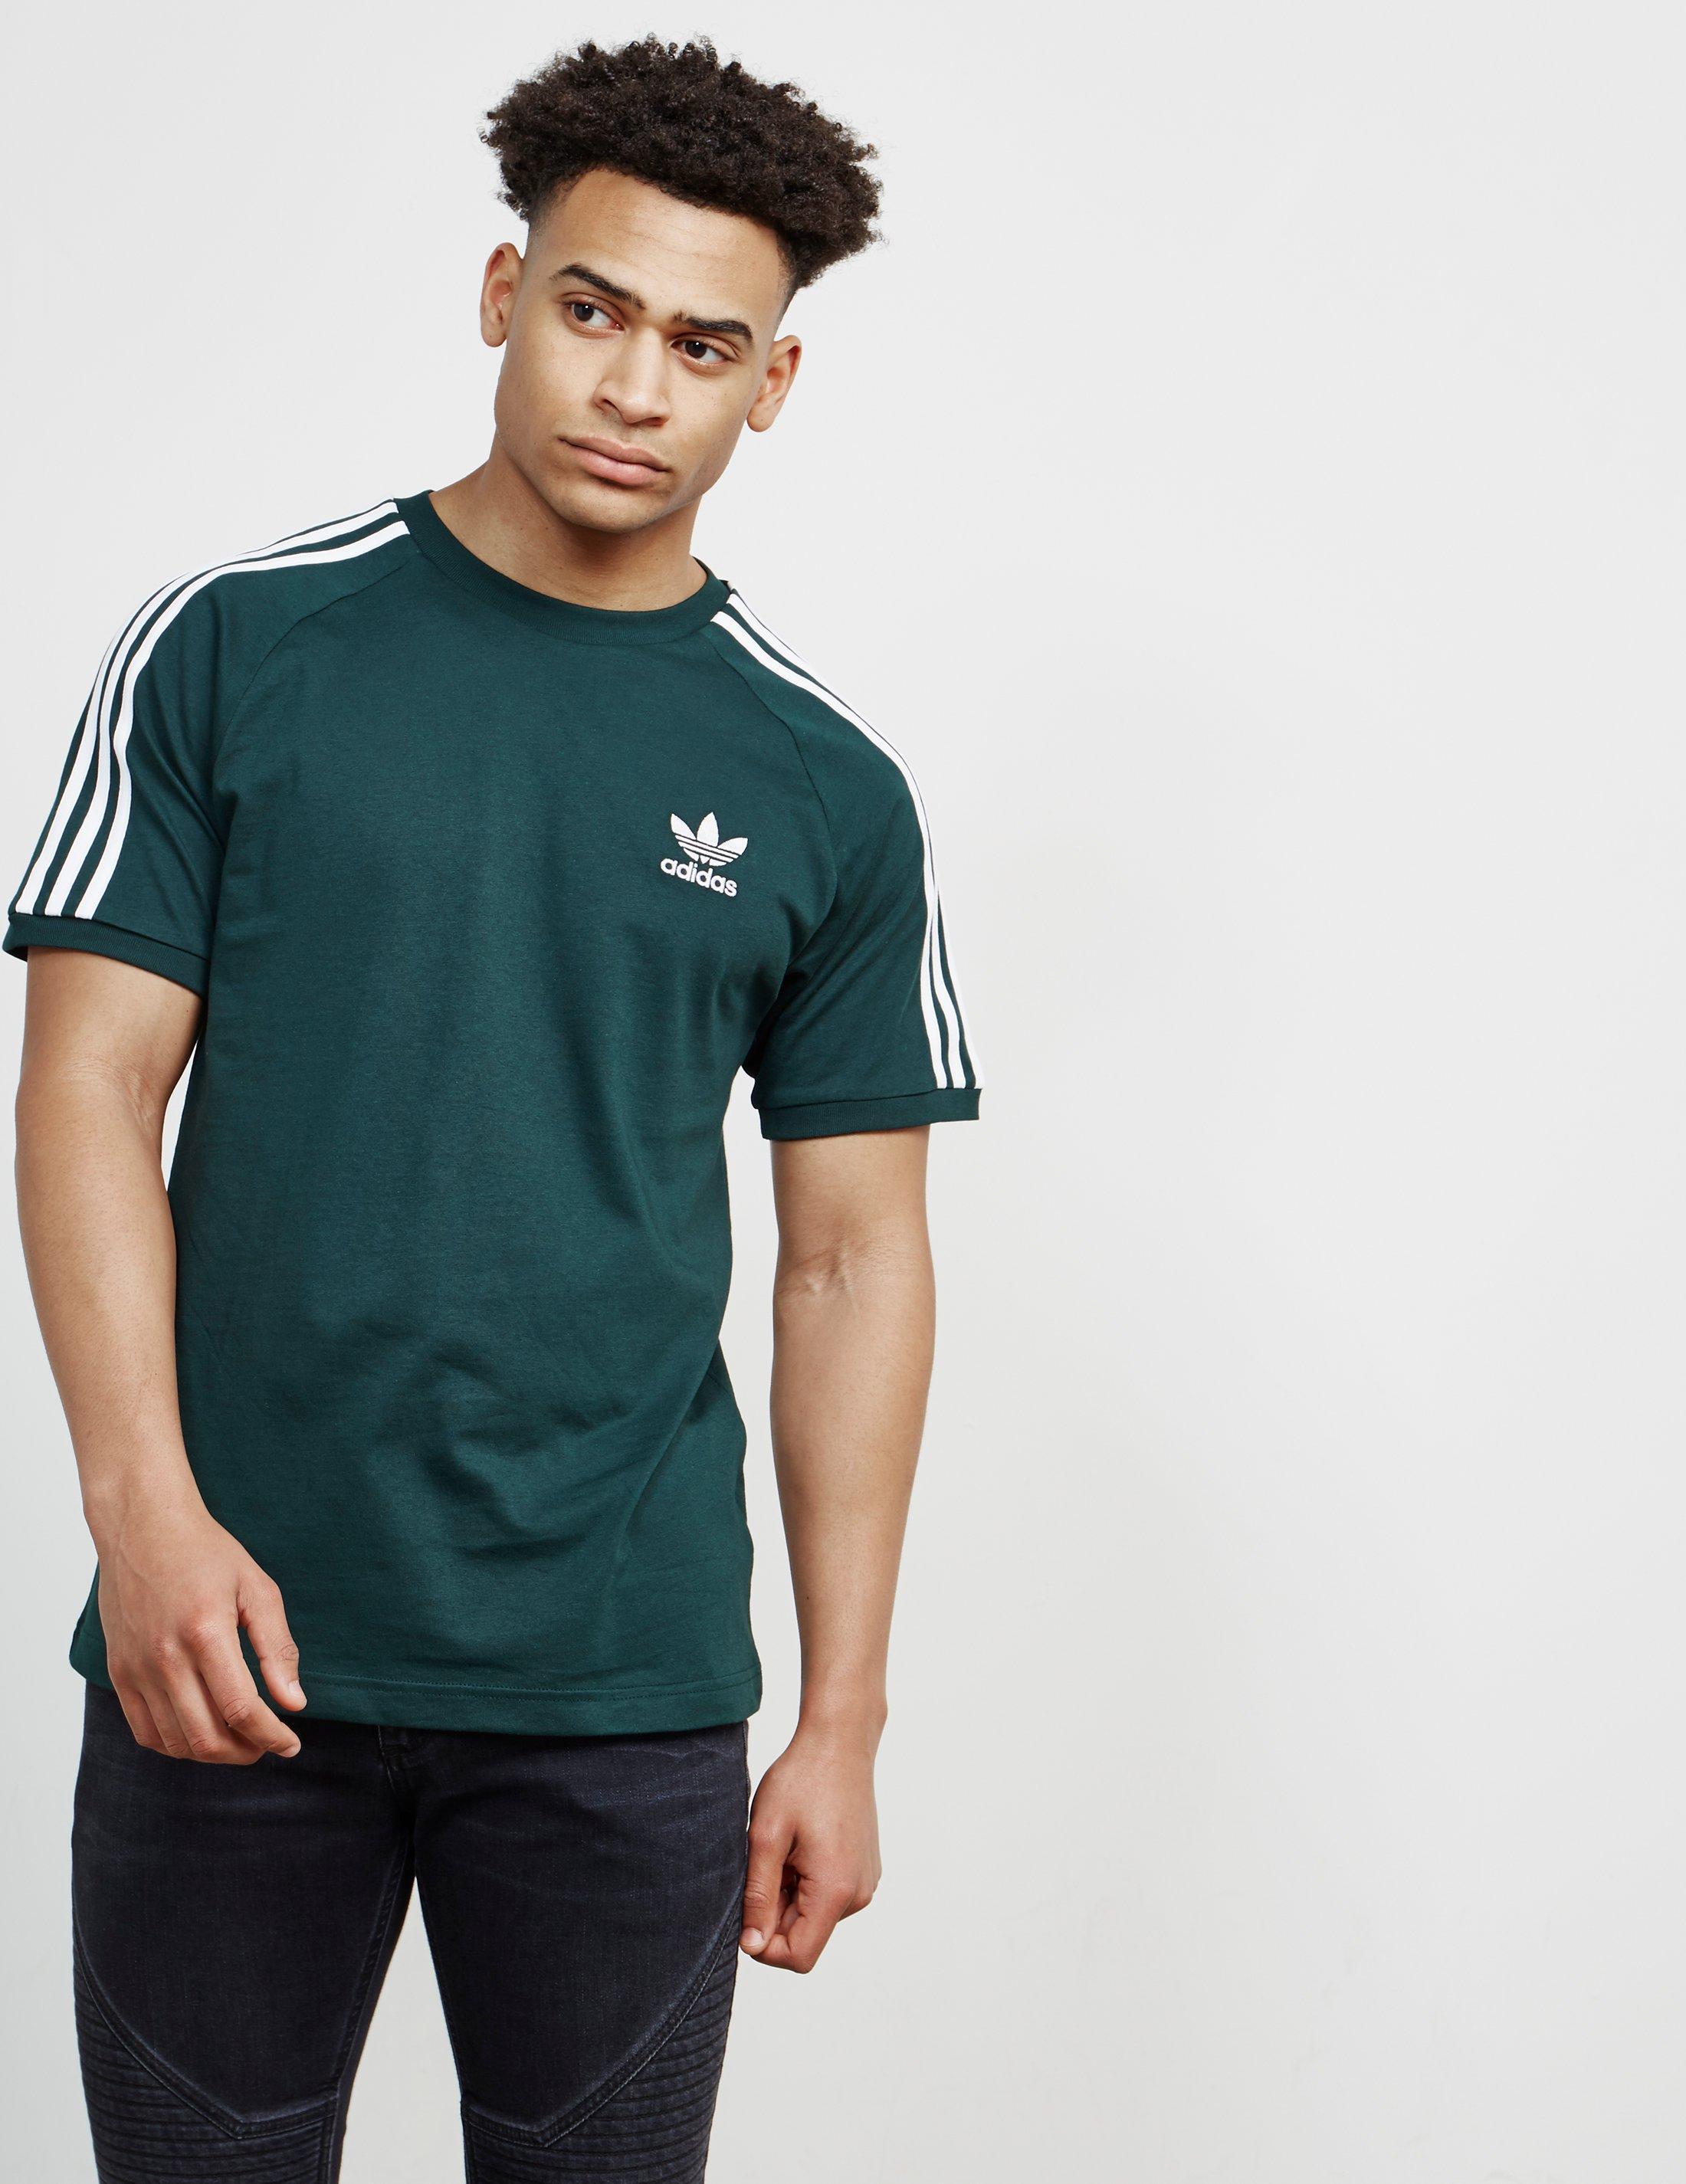 07be9ceef67 Adidas Originals 3 Stripe Trefoil Retro T Shirt - BCD Tofu House